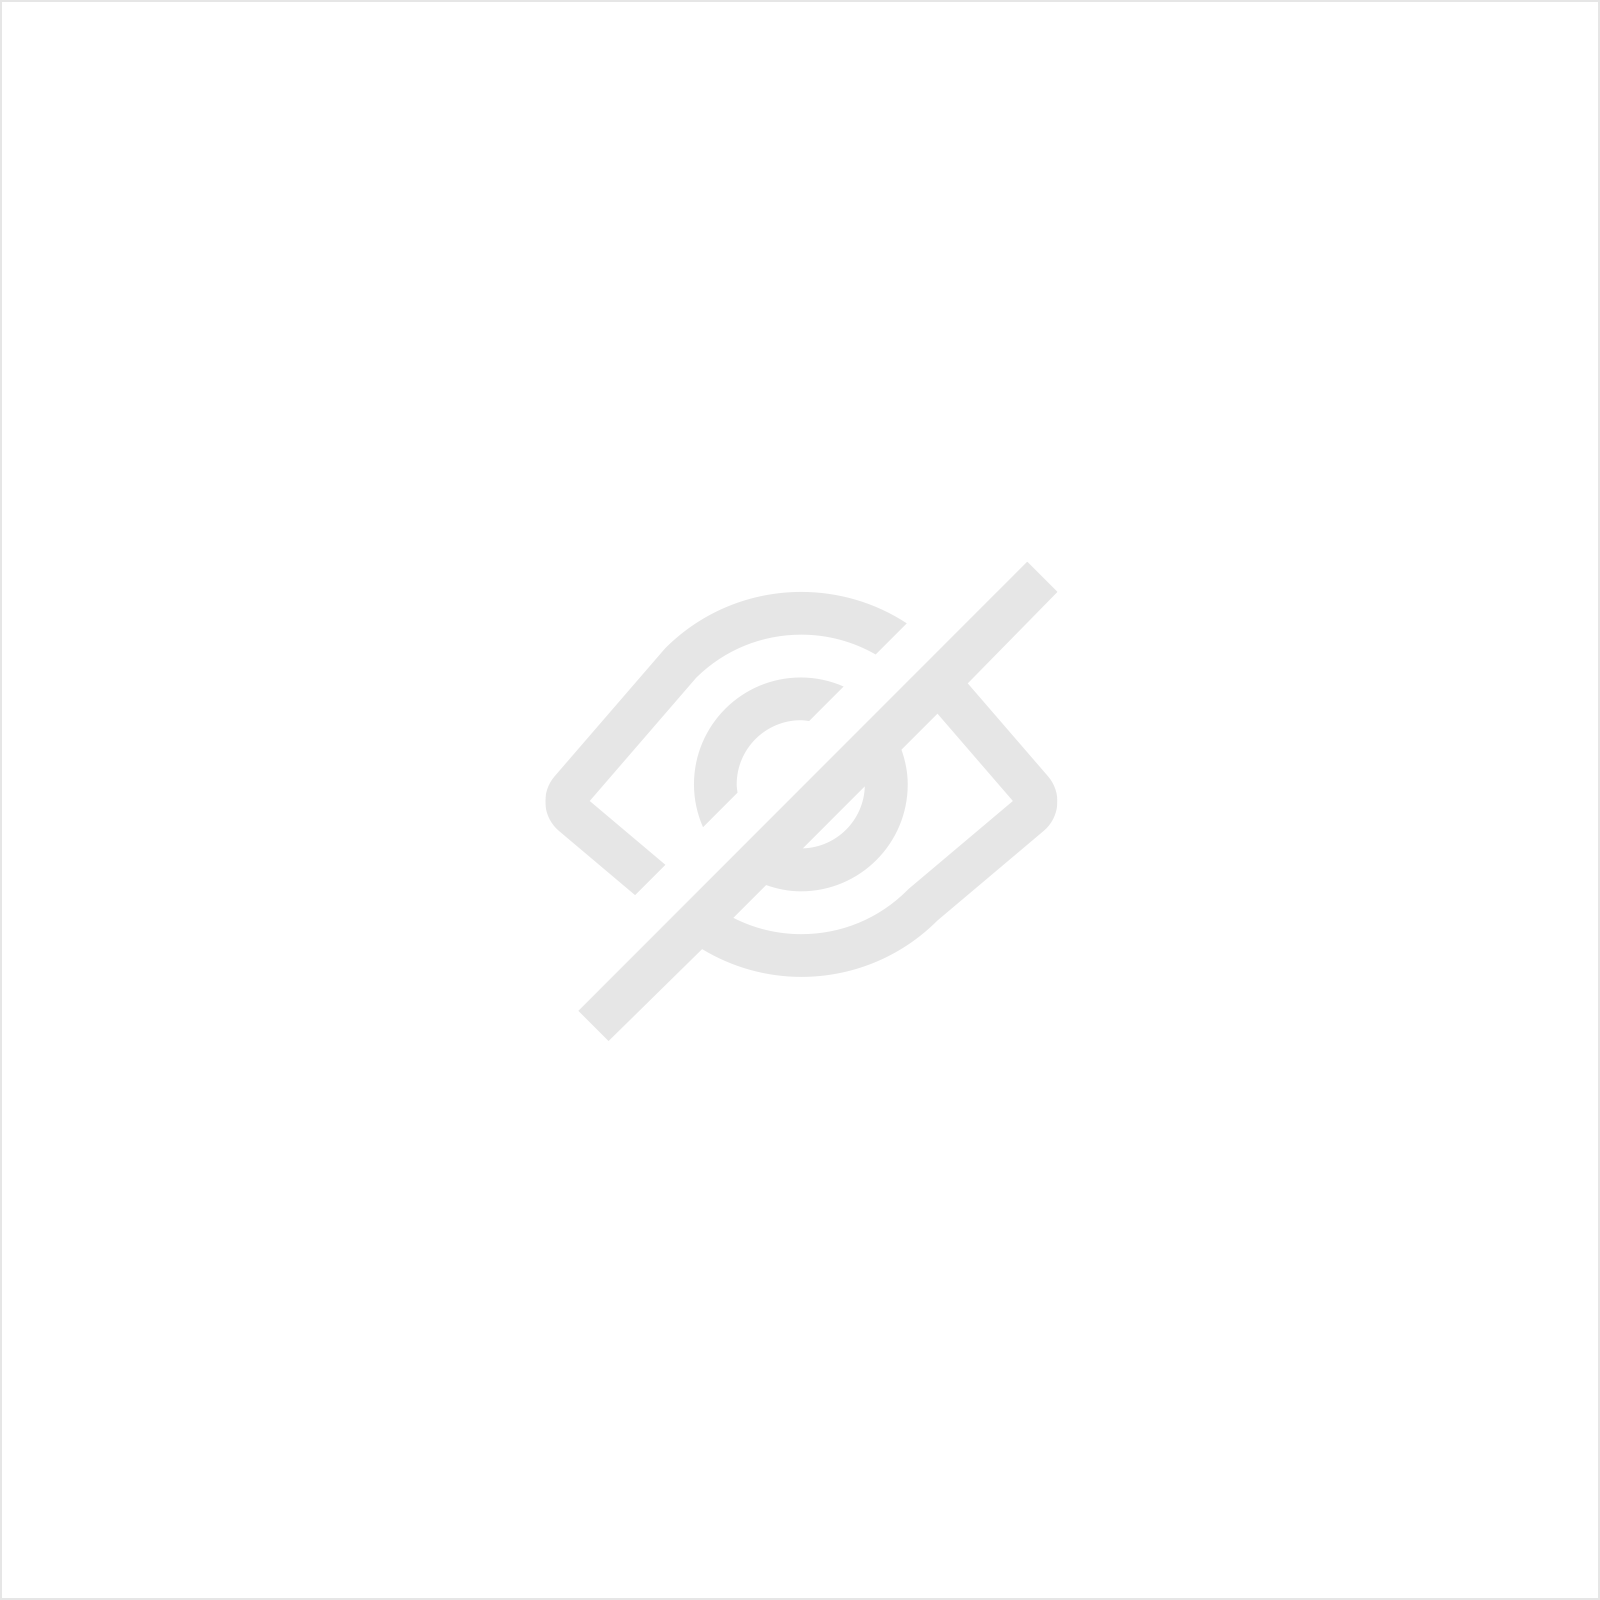 MOLETTES OPTIONELLE POUR BORDEUSE MOULUREUSE 27 MM